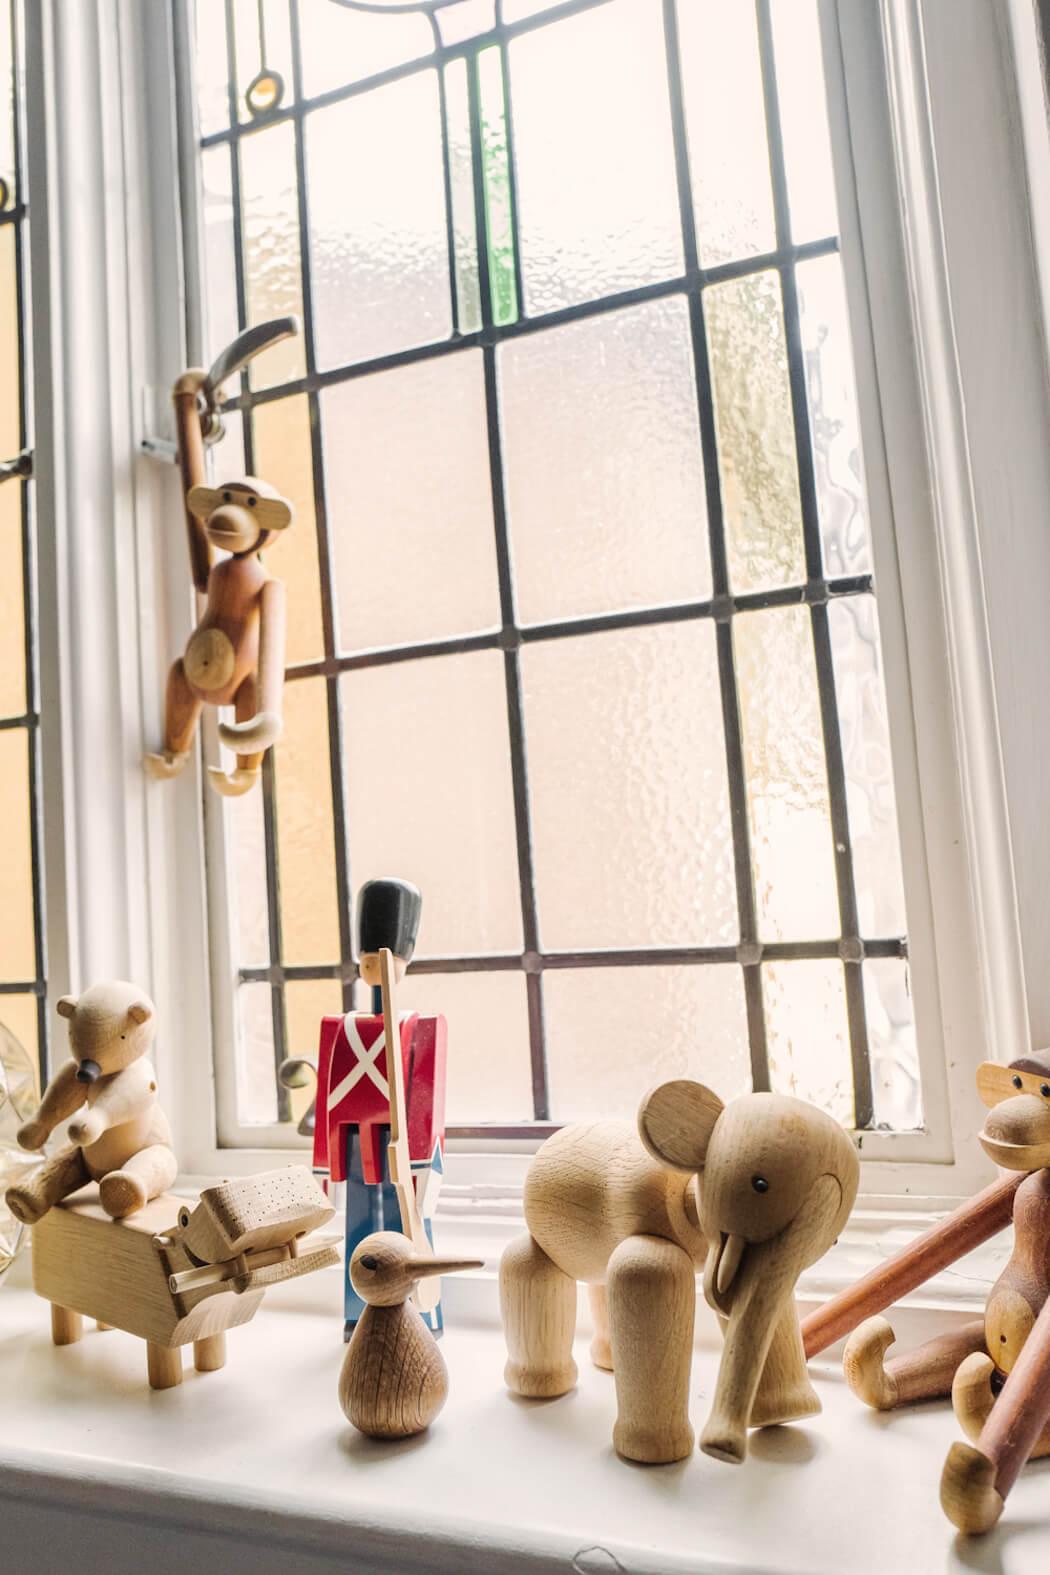 Der schicke Bohemian Einrichtungsstil von Interior Designerin Fiona Duke